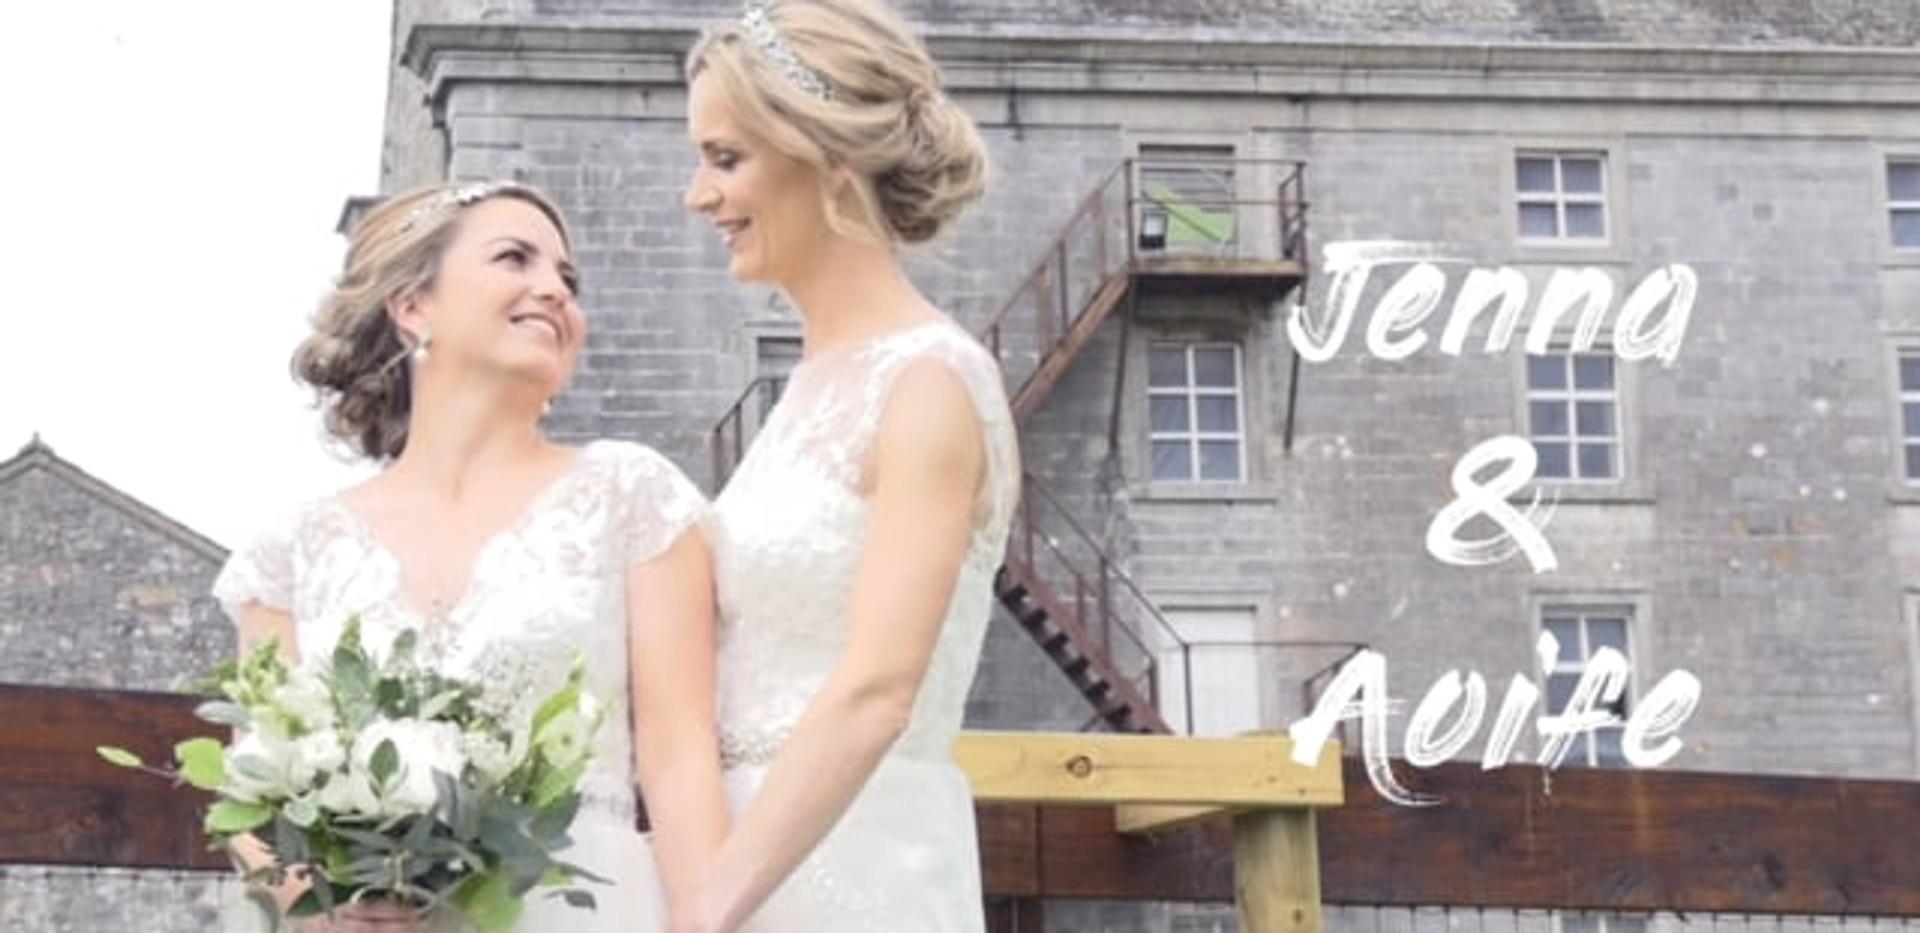 Jenna & Aoife